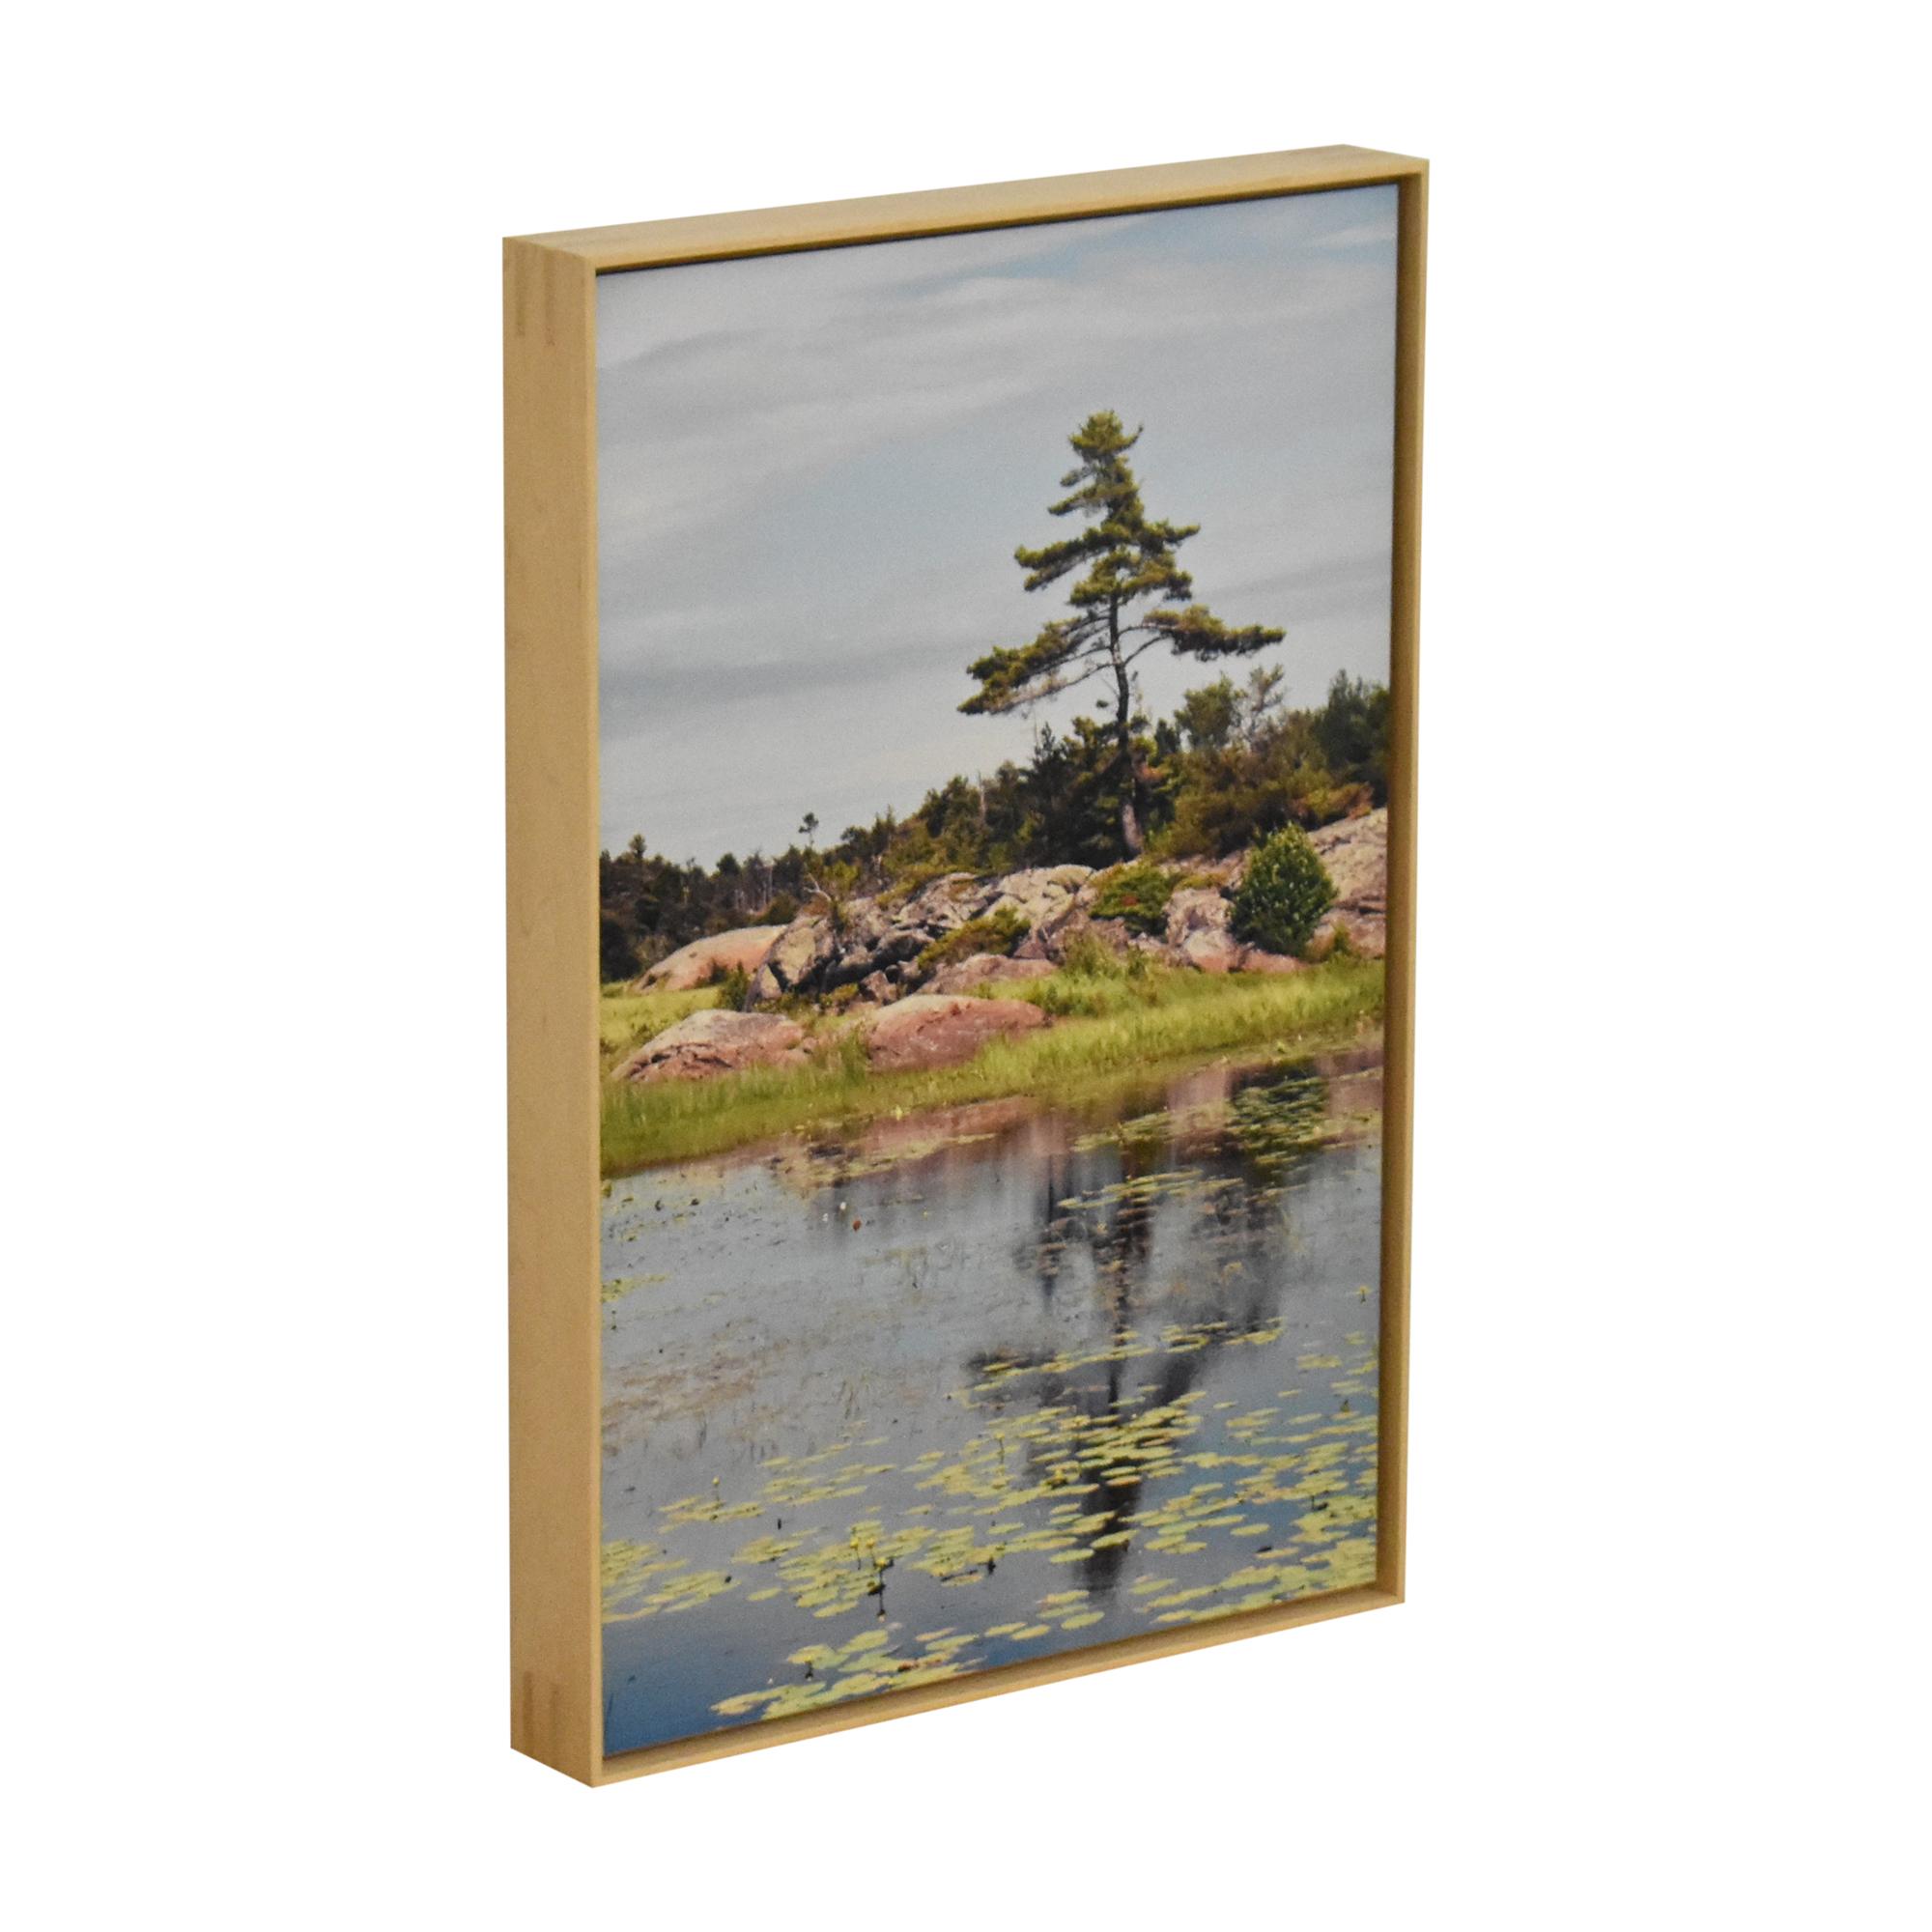 Framed Wall Art discount